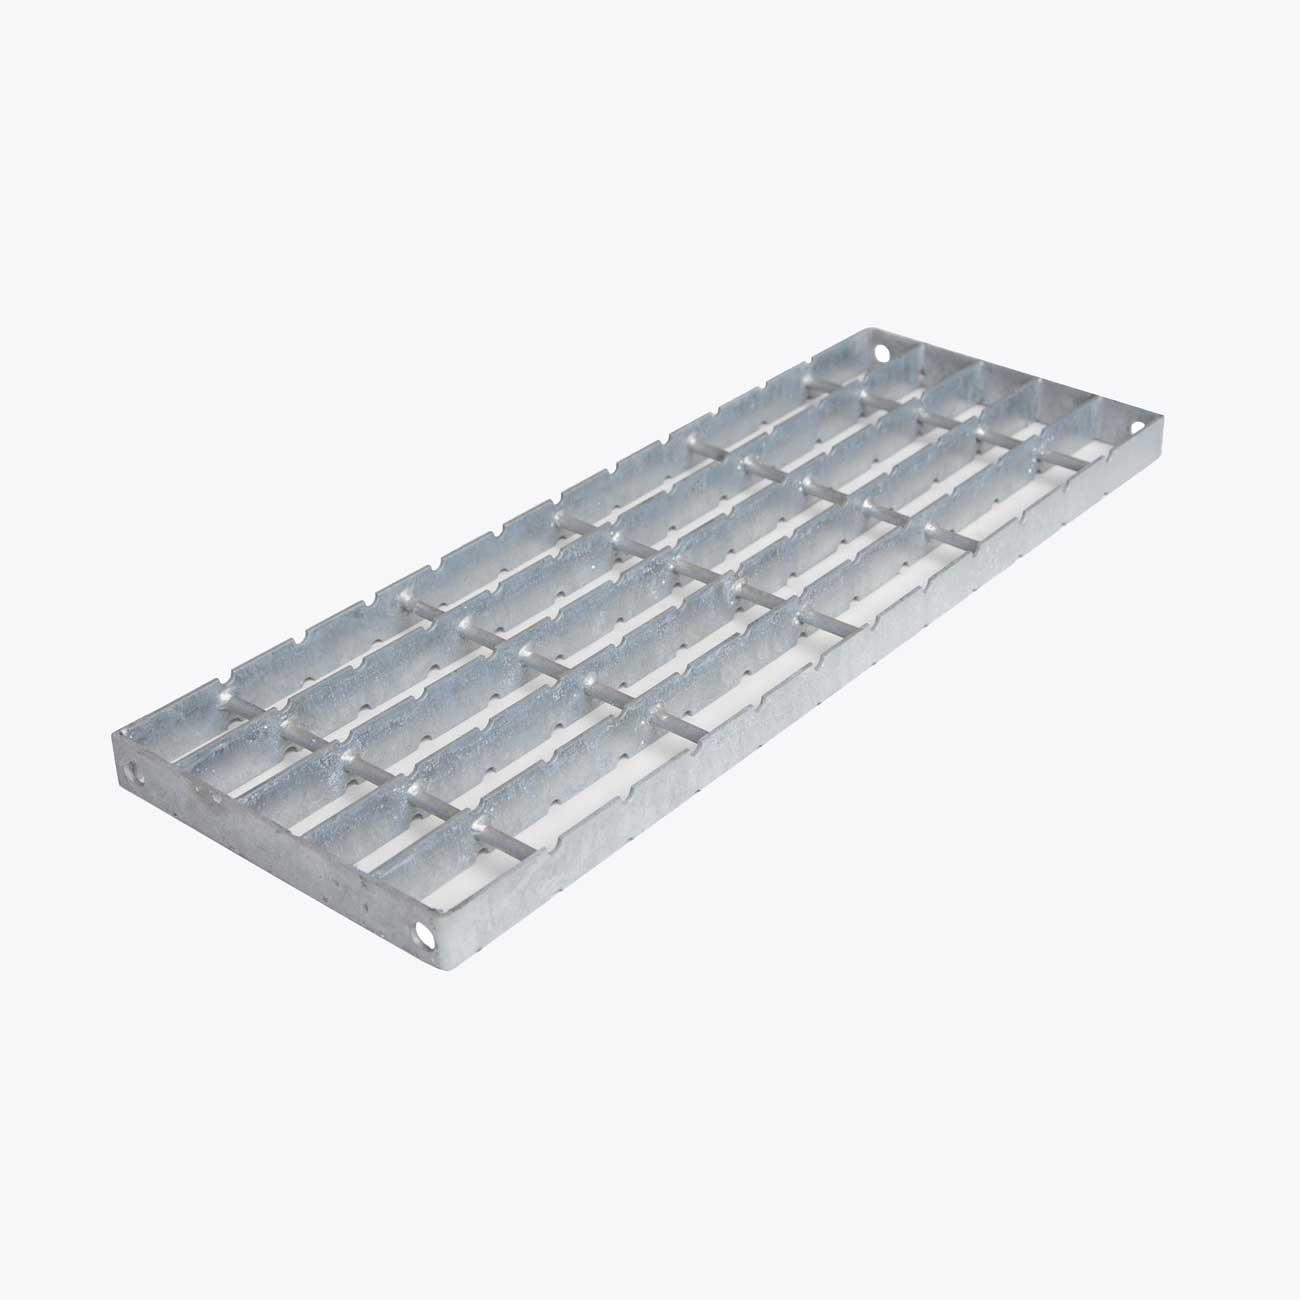 Bar Grating Step for Steel Stairway / Catwalk / Walkway